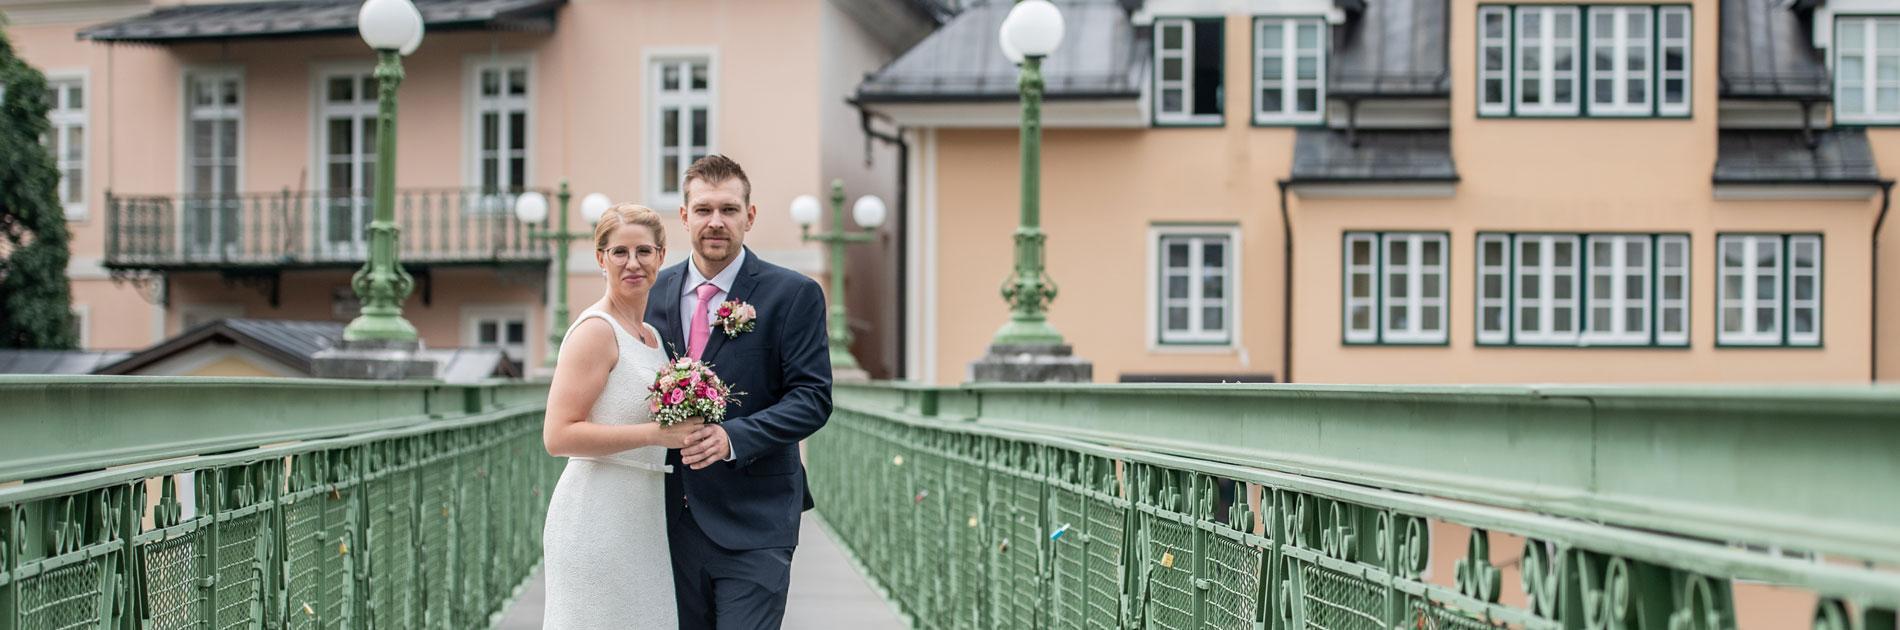 Brautpaar in Bad Ischl - Brautfrisur Salon Birgit Gmeiner